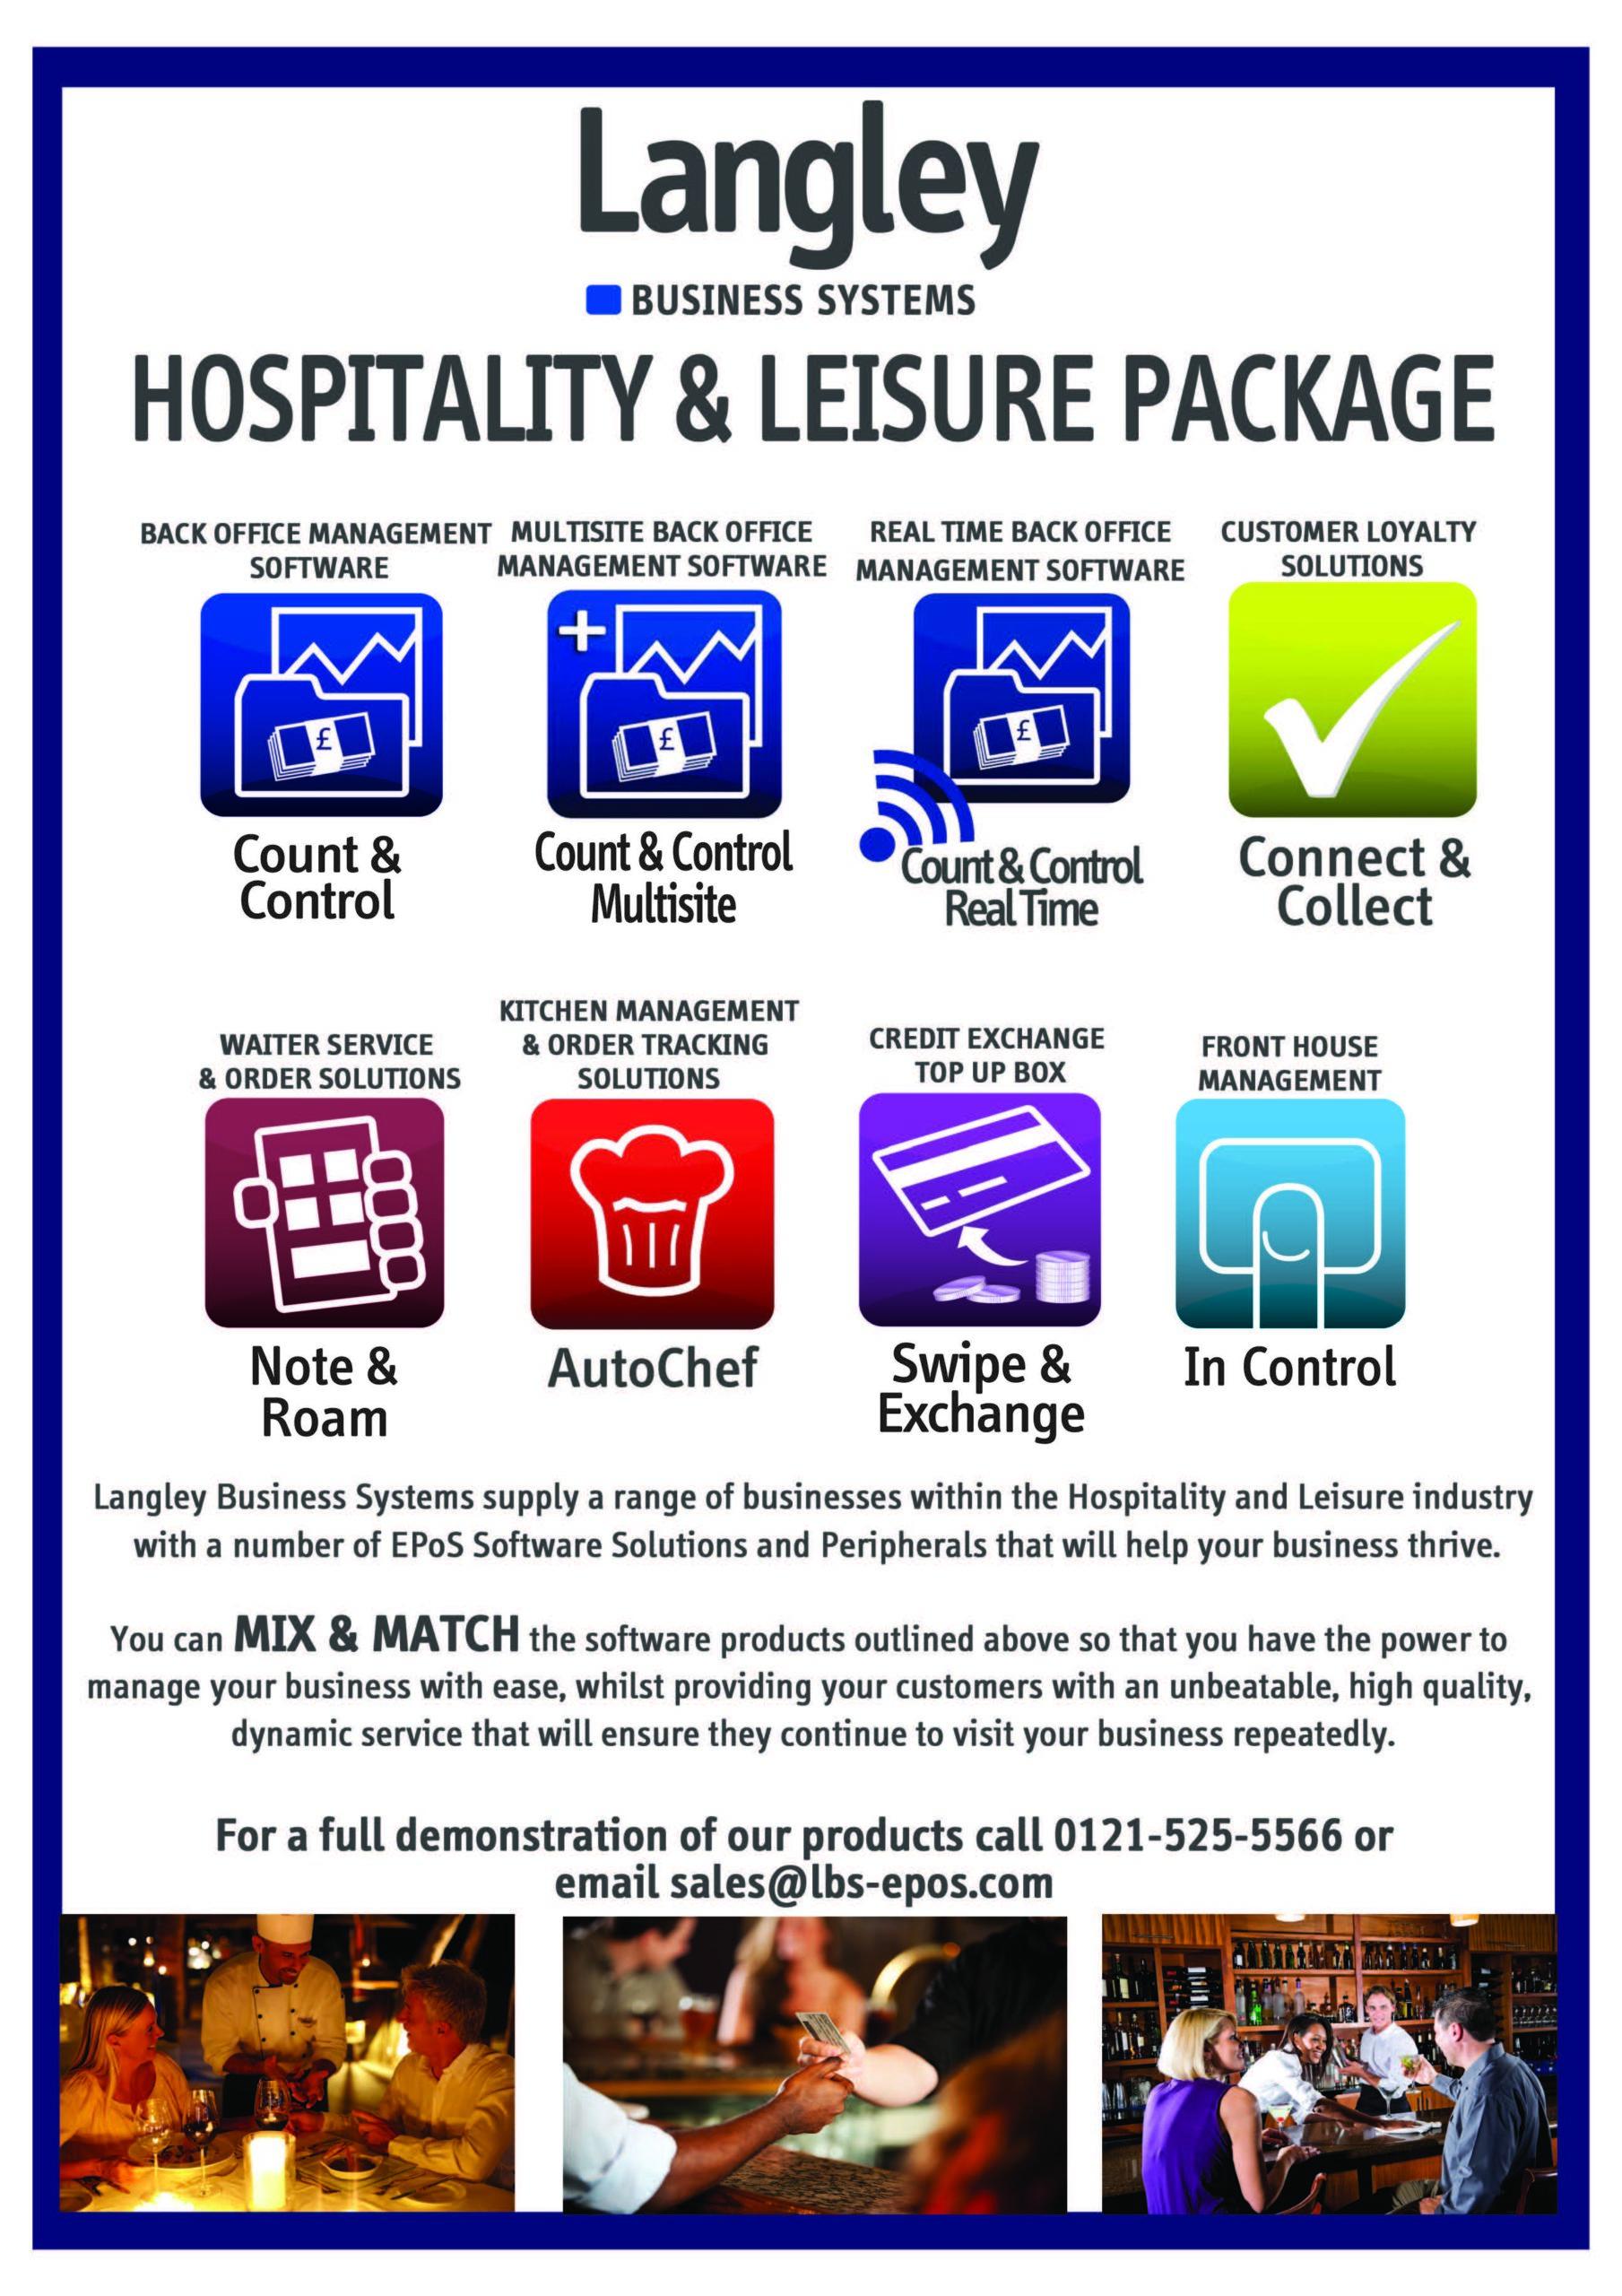 Hospitality & Leisure PDF_Page_1